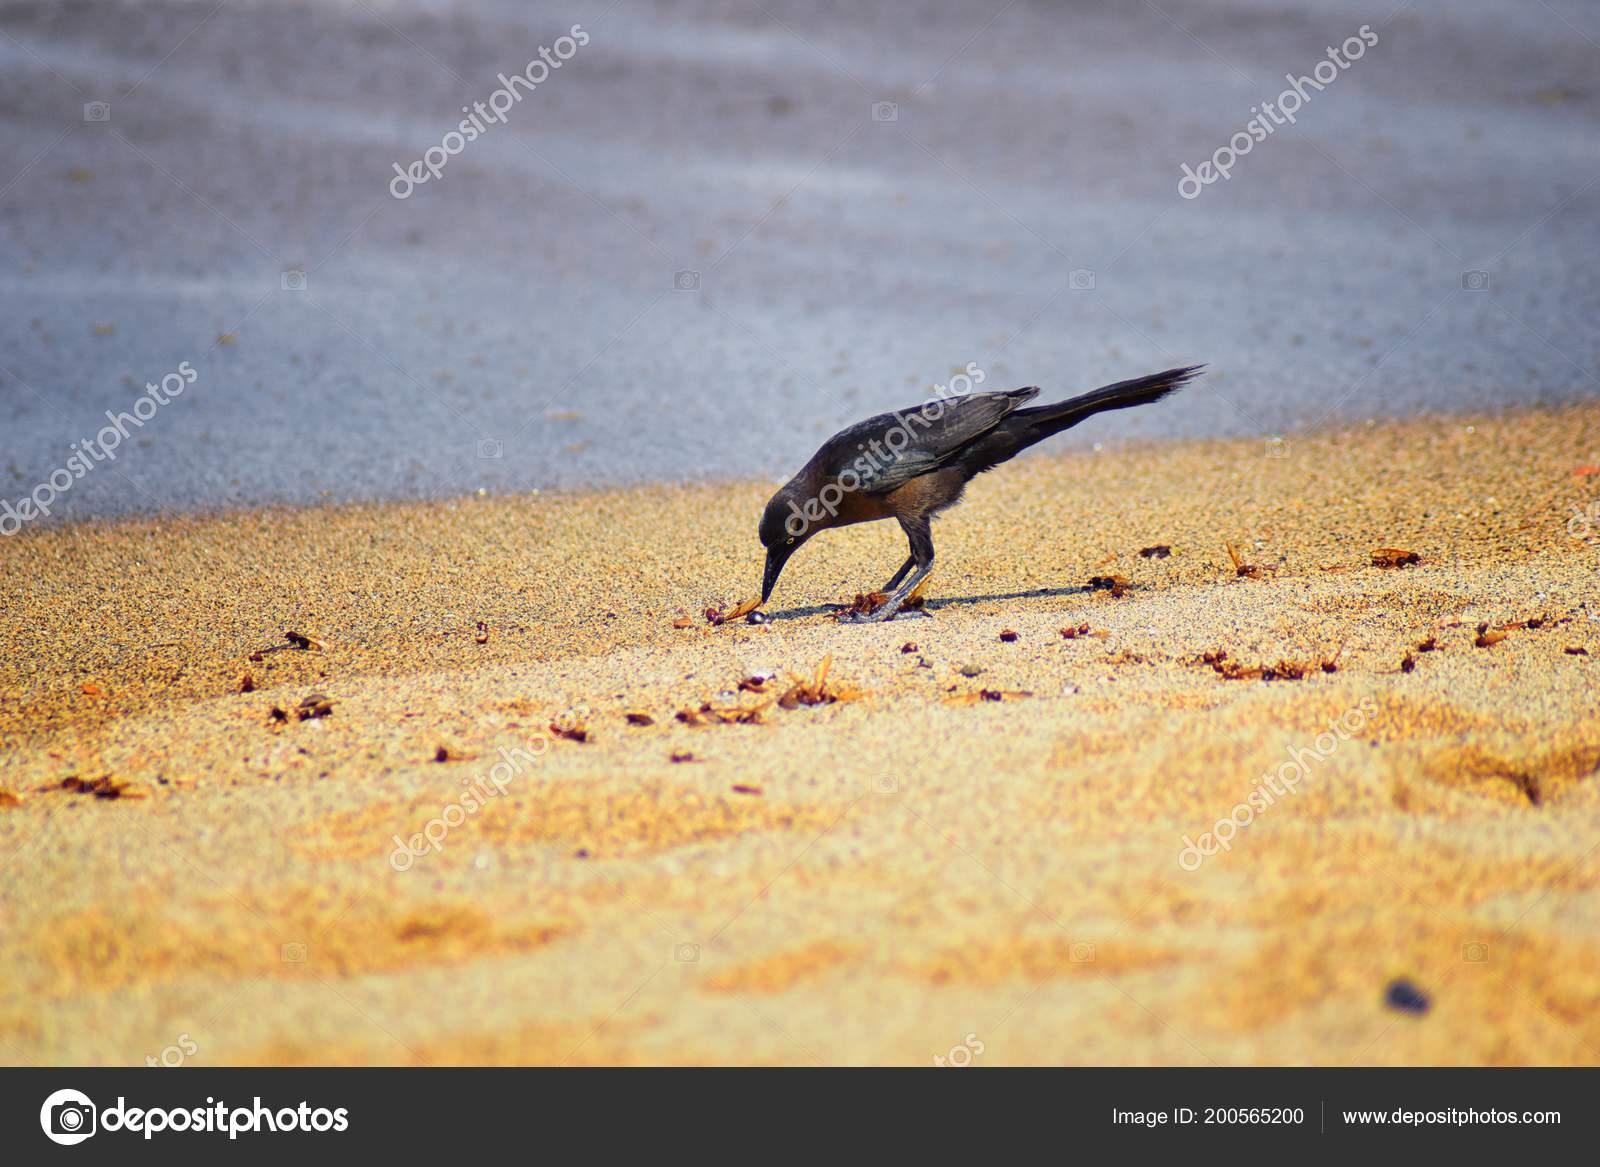 Jak polykat velkého ptáka